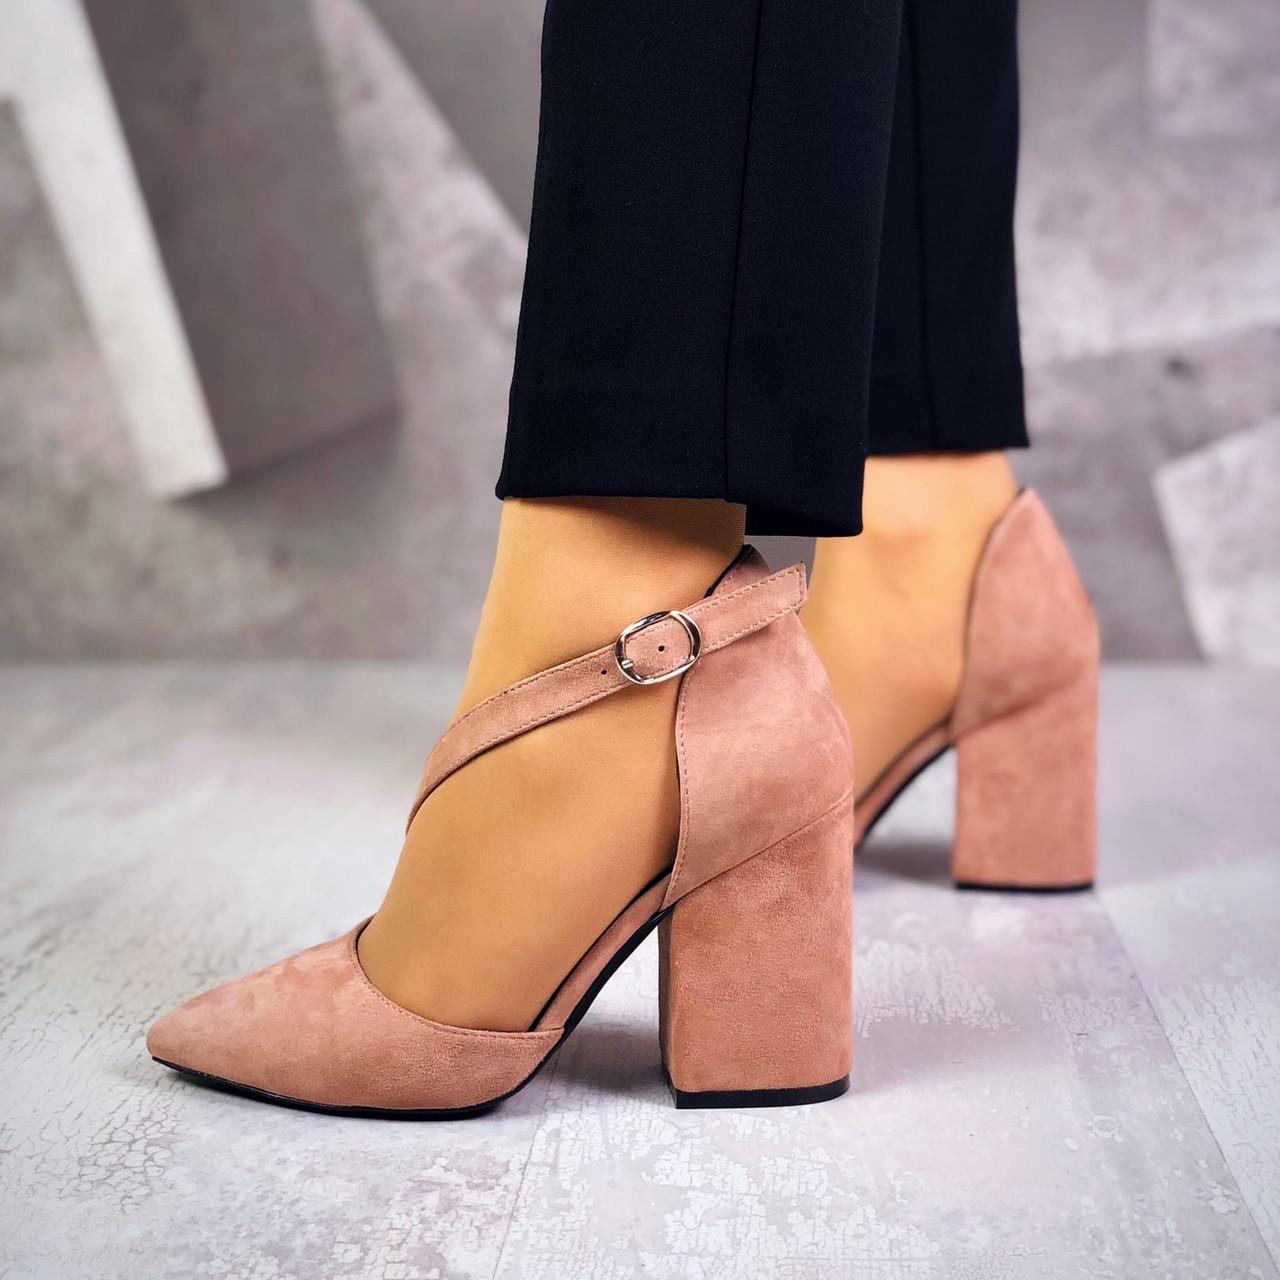 Класичні замшеві туфлі на підборах 36-40 р капучіно